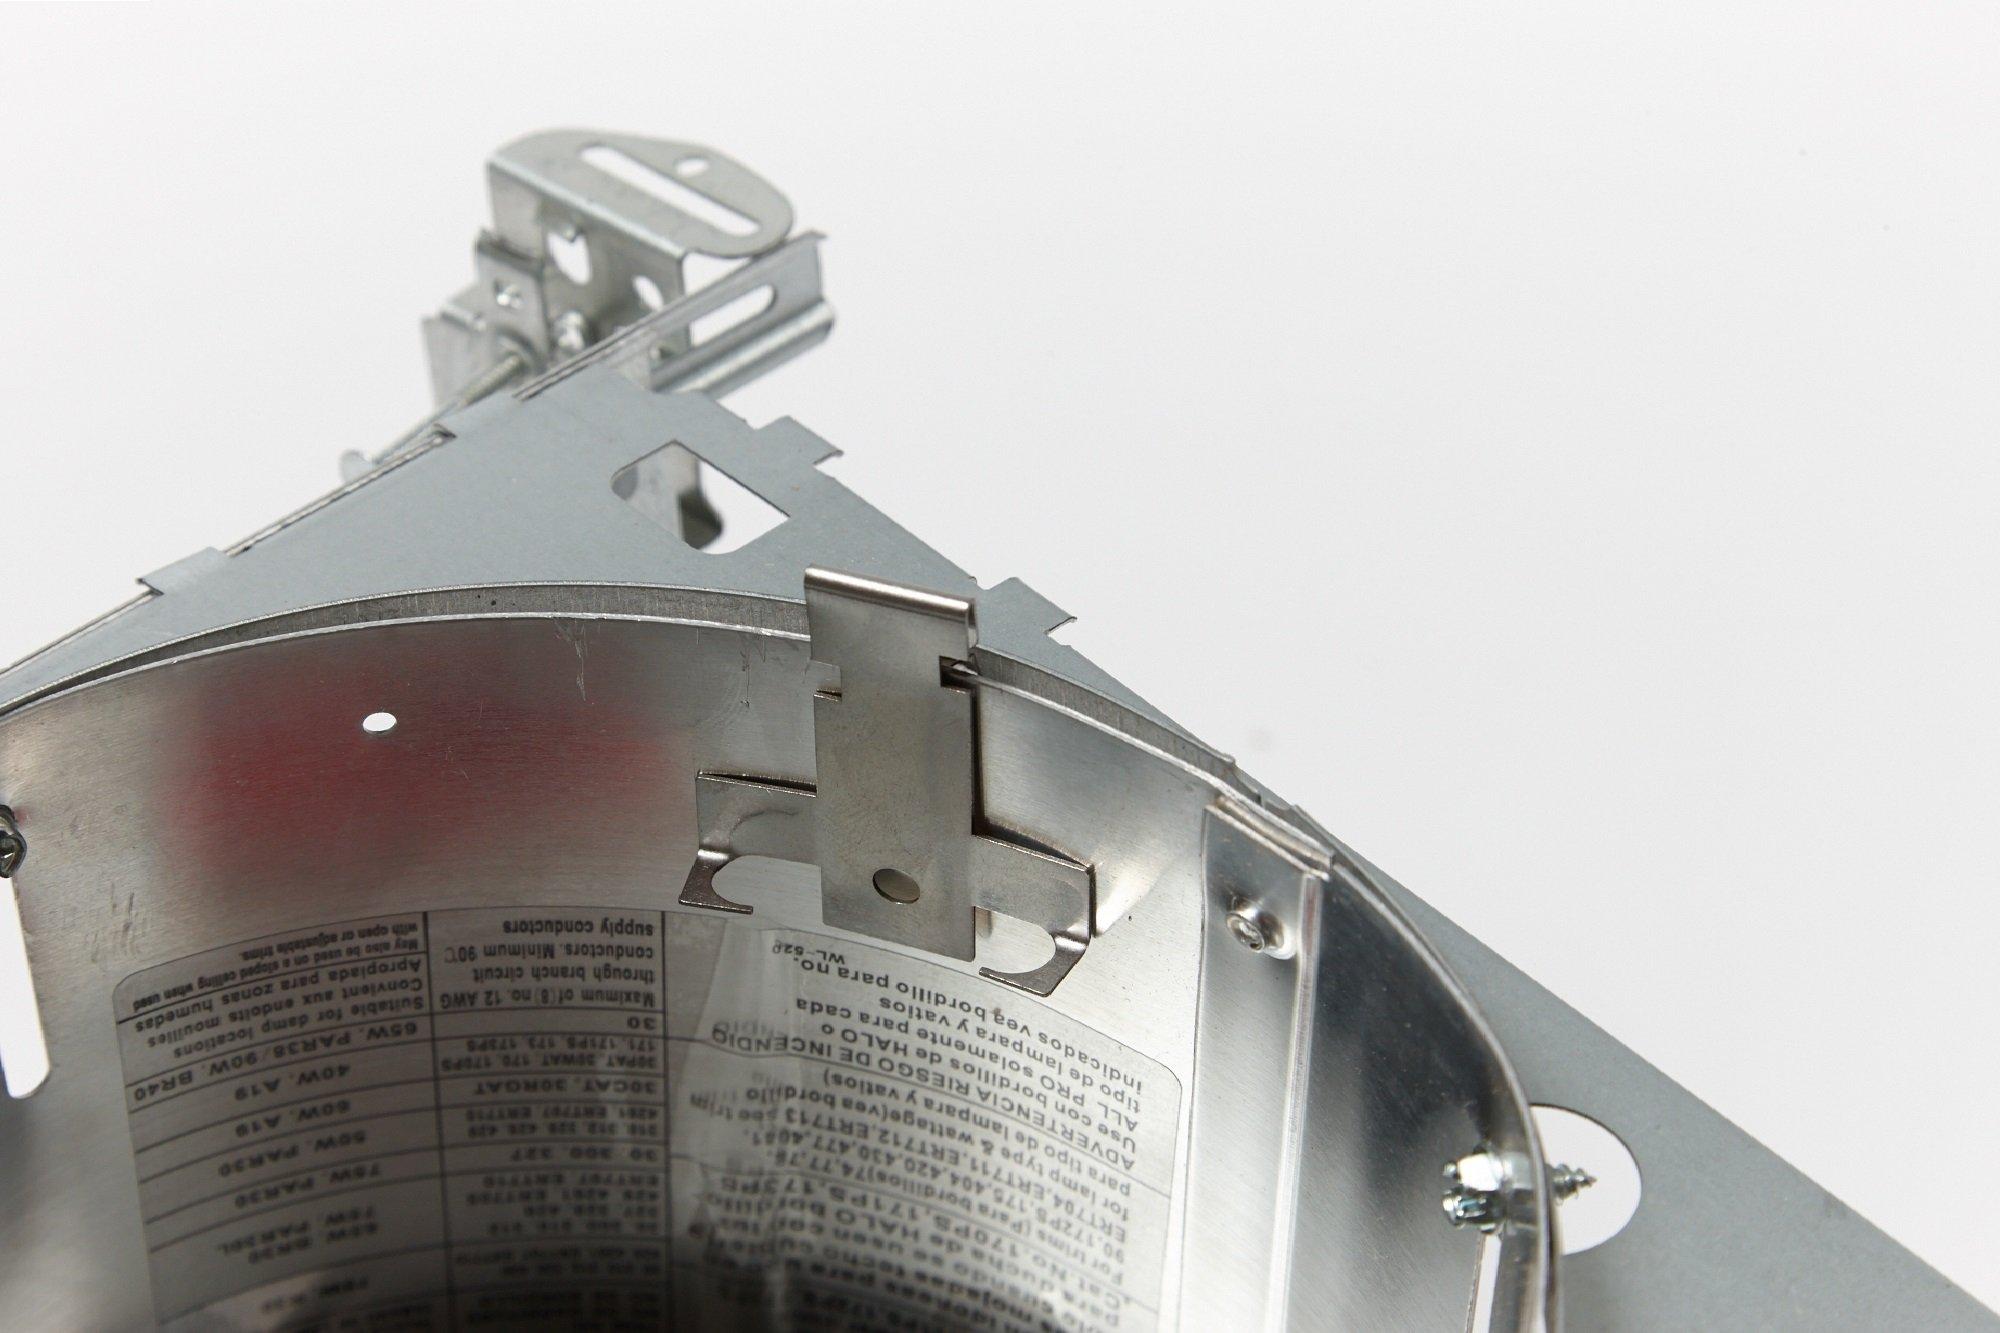 Premium Recessed Light Retrofit C-clips for Downlight   5 Pairs of Premium Recessed Lighting Clips   For 5 or 6 in. Traverse